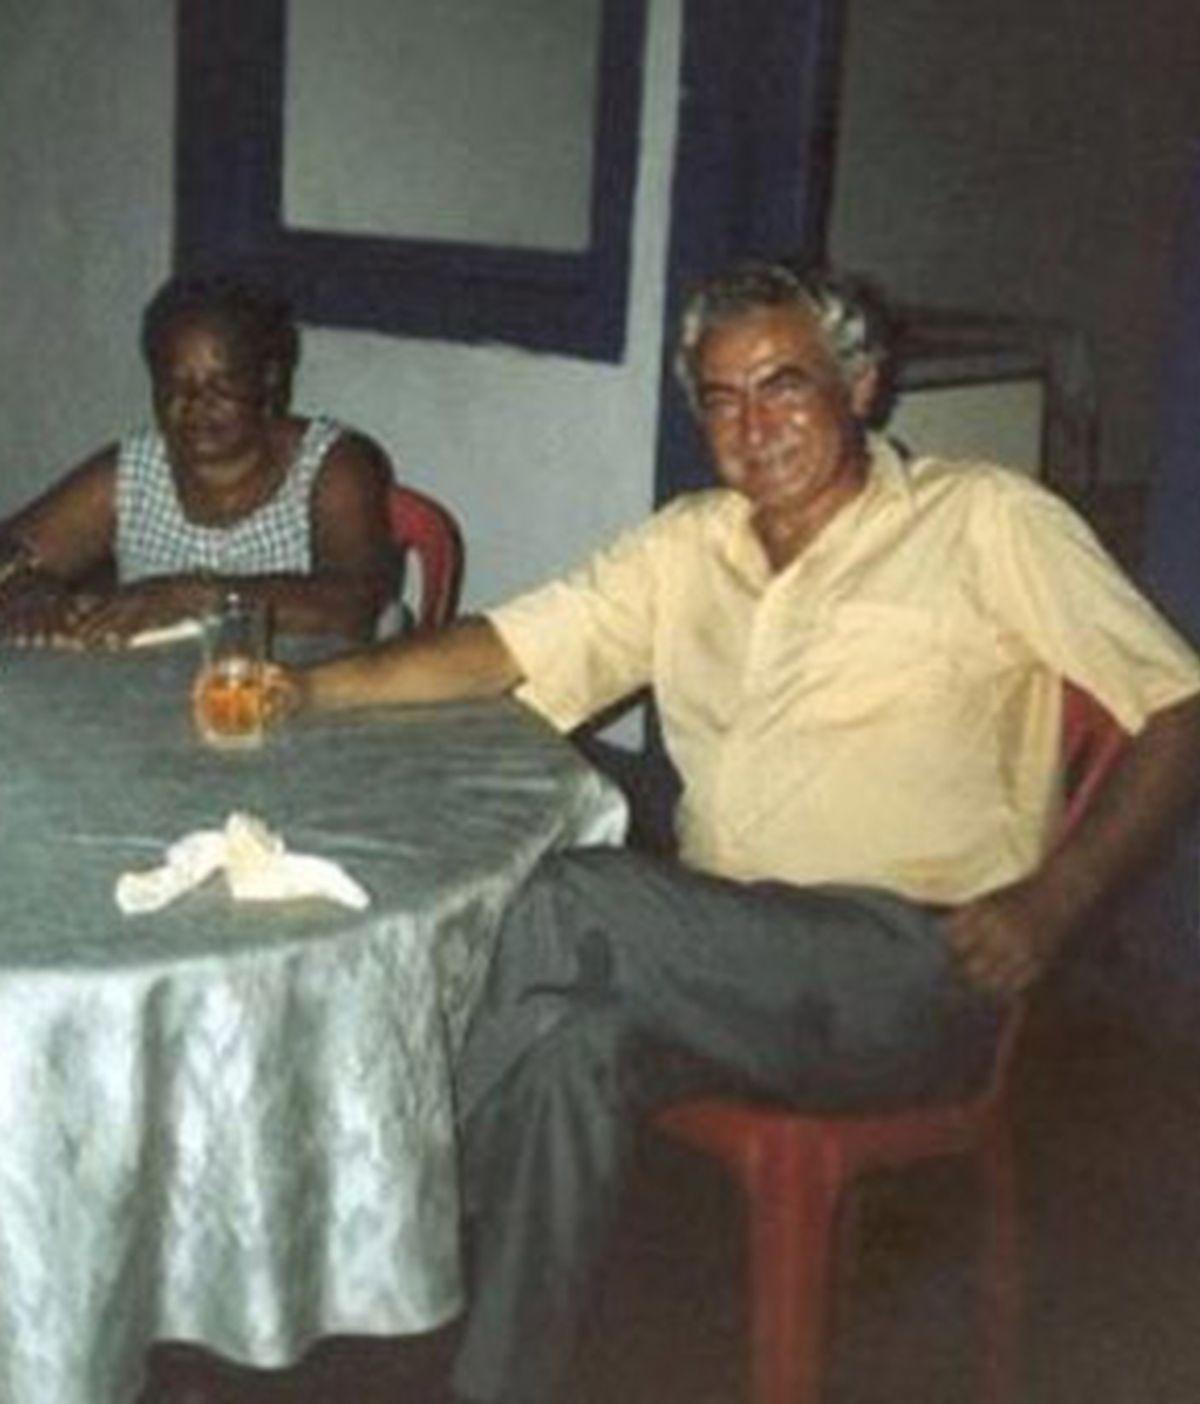 Imagen tomada en Cogo (Guinea Ecuatorial), cedida por la Asociación Africanista Manuel Iradier, del médico español Mario Sarsa, que fue secuestrado por un grupo tribal armado en Congo. EFE/Asociación Africanista Manuel Iradier